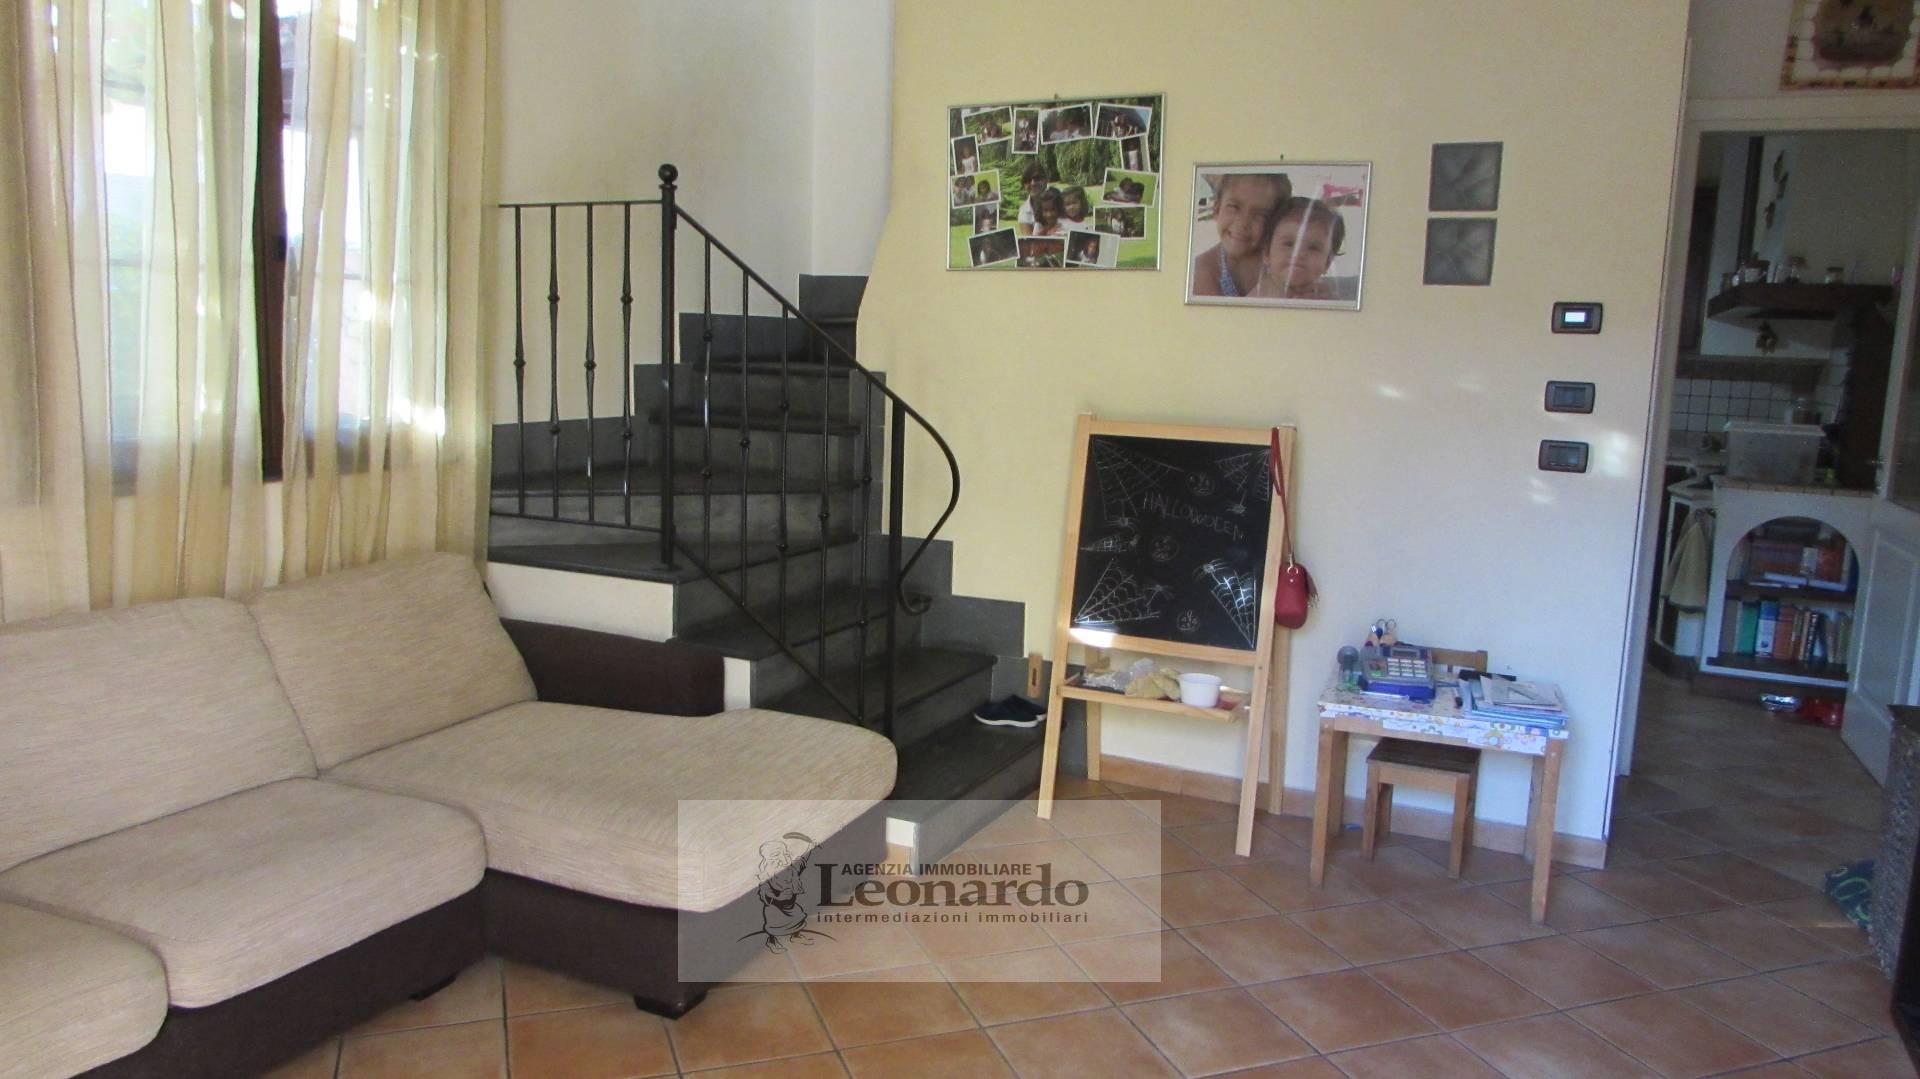 Soluzione Indipendente in vendita a Viareggio, 5 locali, zona Località: MarcoPolo/DonBosco, prezzo € 380.000   Cambio Casa.it